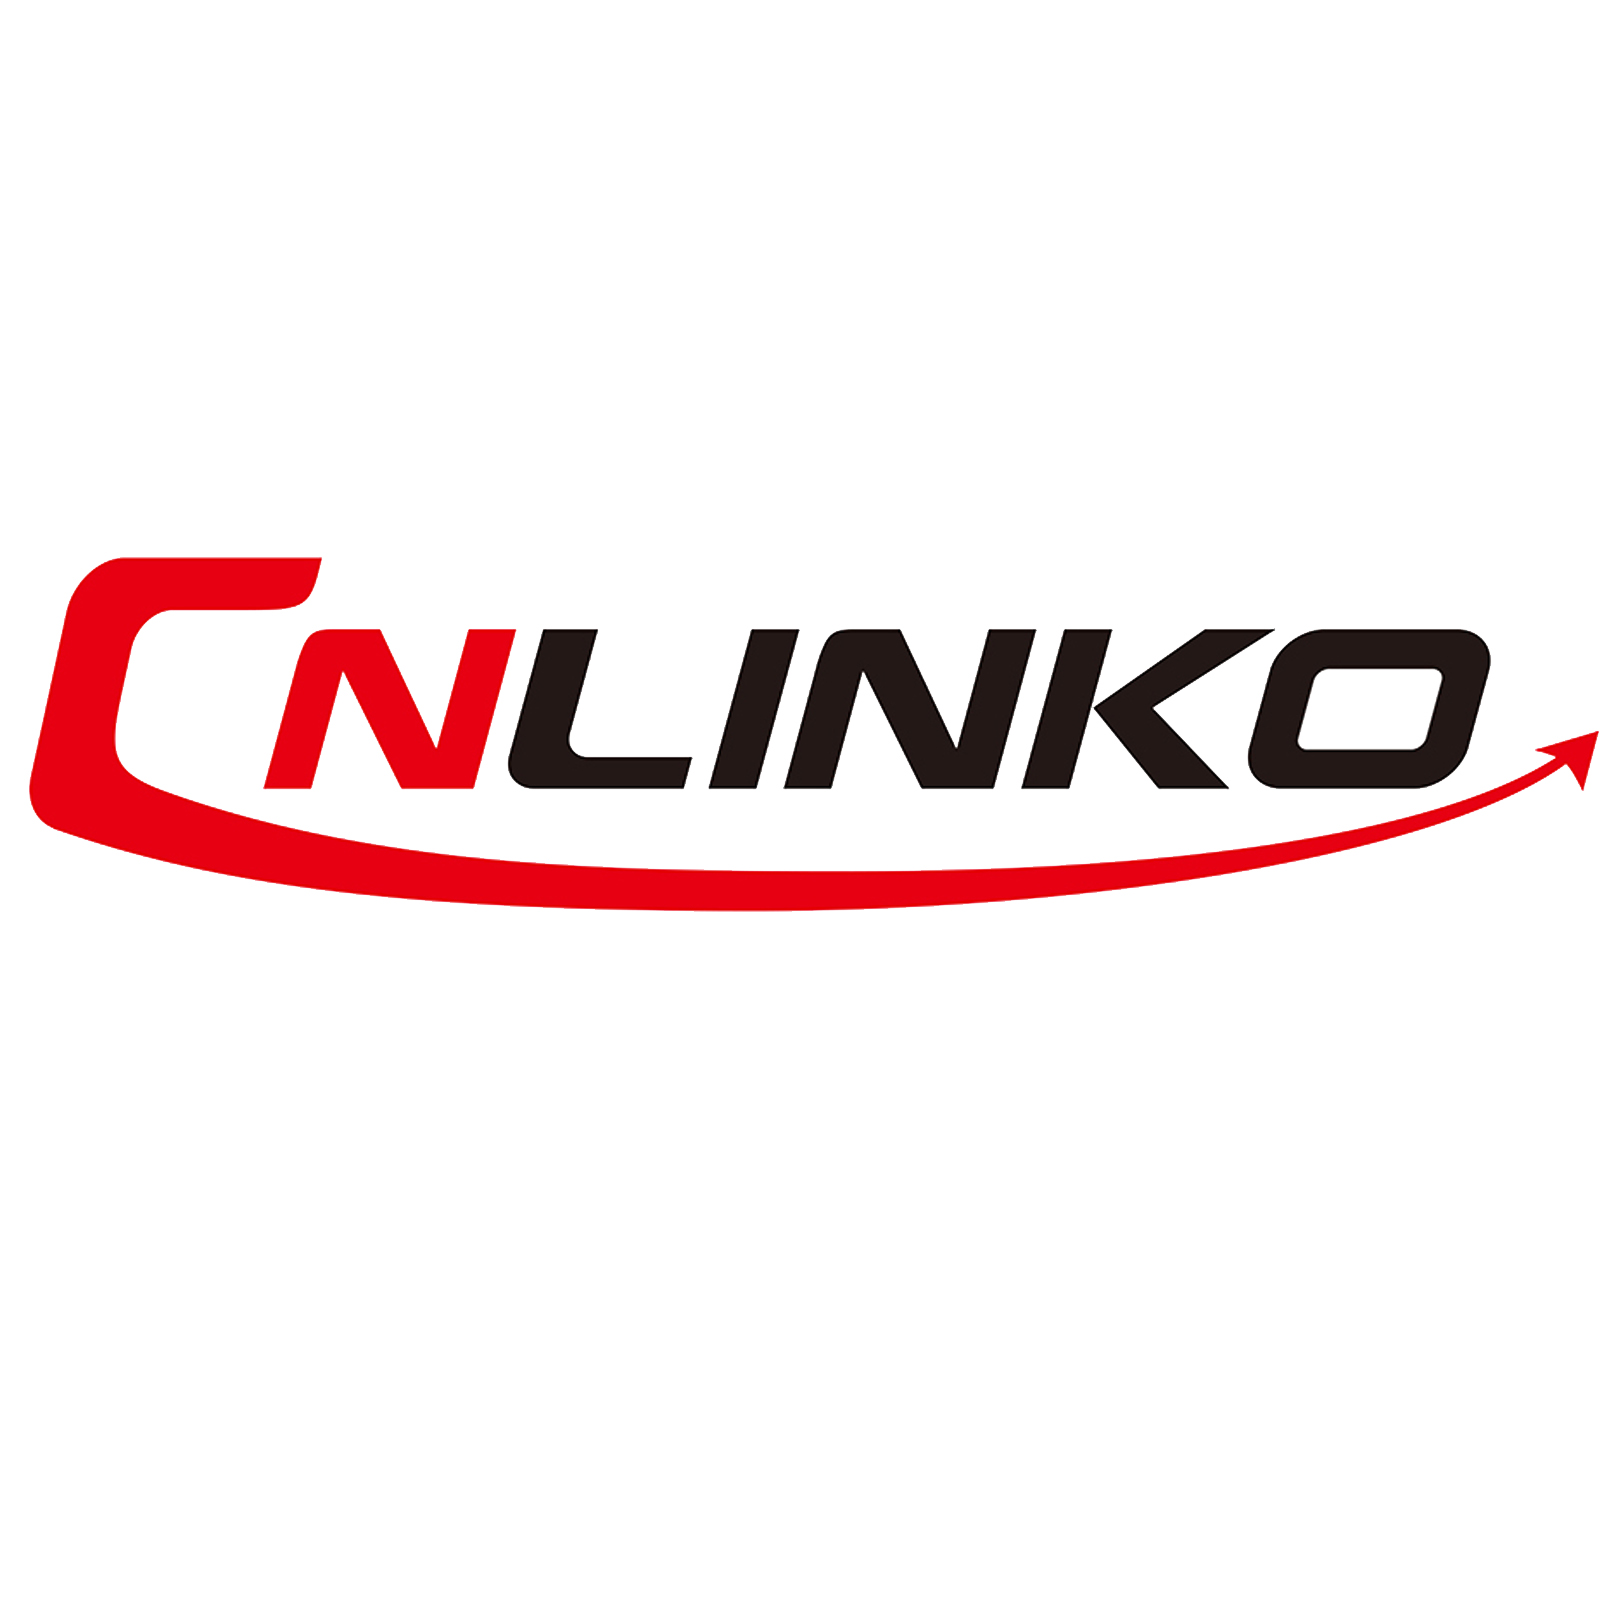 CNLINKO